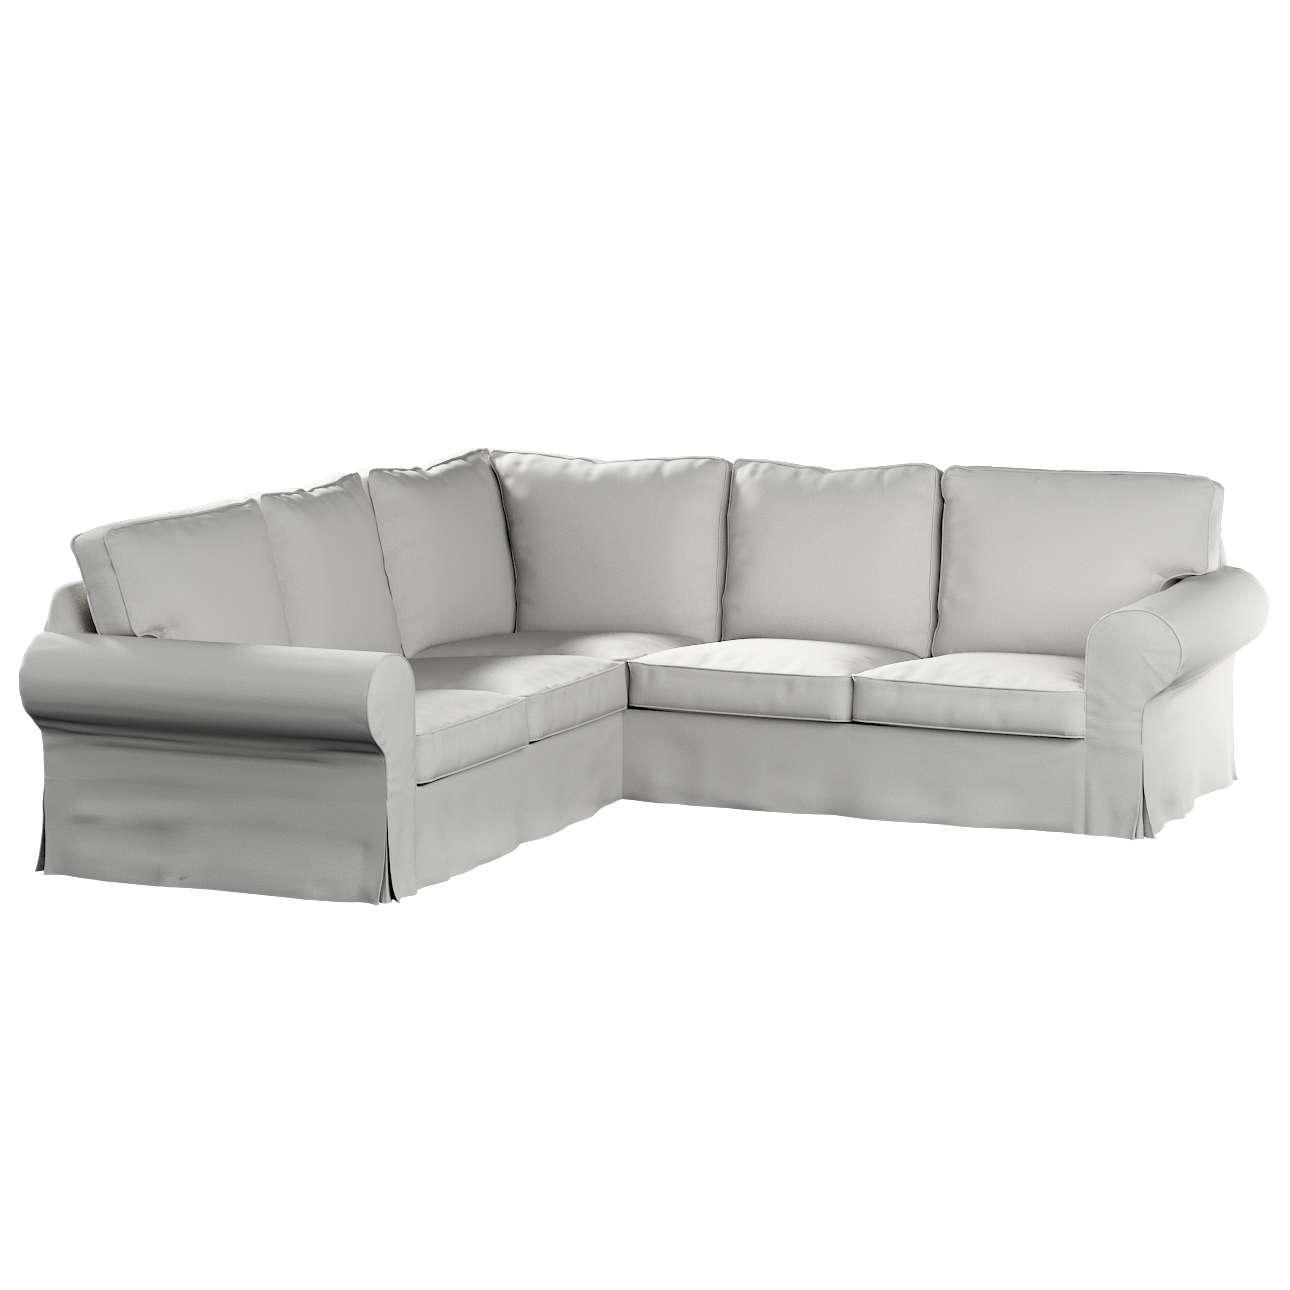 Ektorp kampinė sofa Ektorp kampinė sofa kolekcijoje Etna , audinys: 705-90